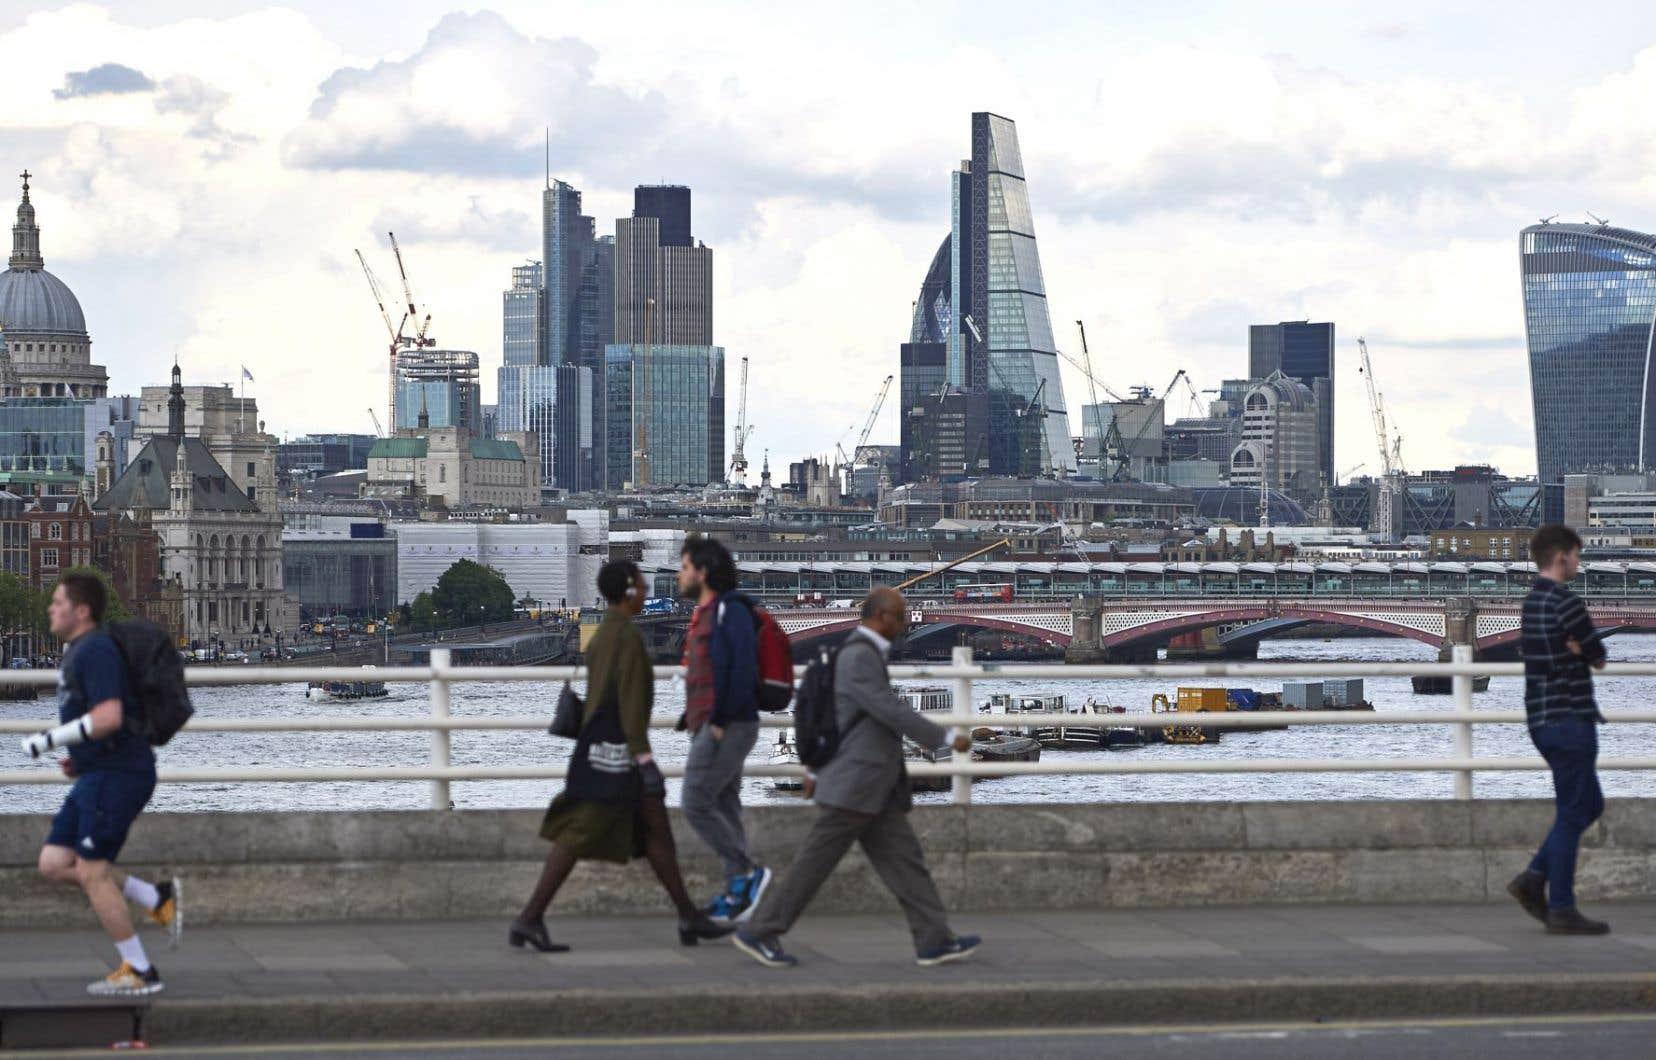 À Londres, des piétons marchent sur le pont Waterloo, face à la City.